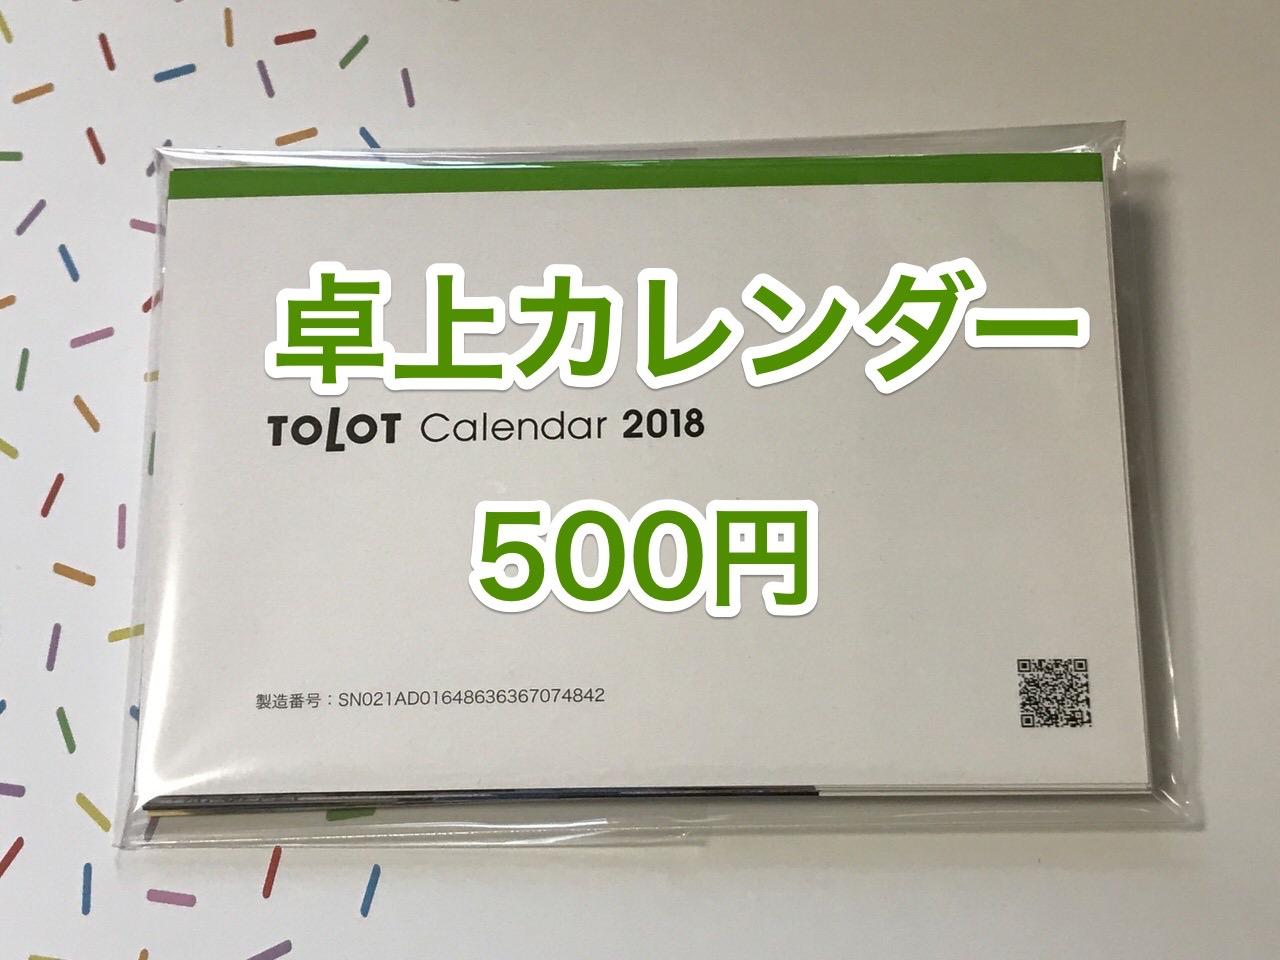 送料込み500円!スマホで作れる「TOLOT」卓上カレンダー